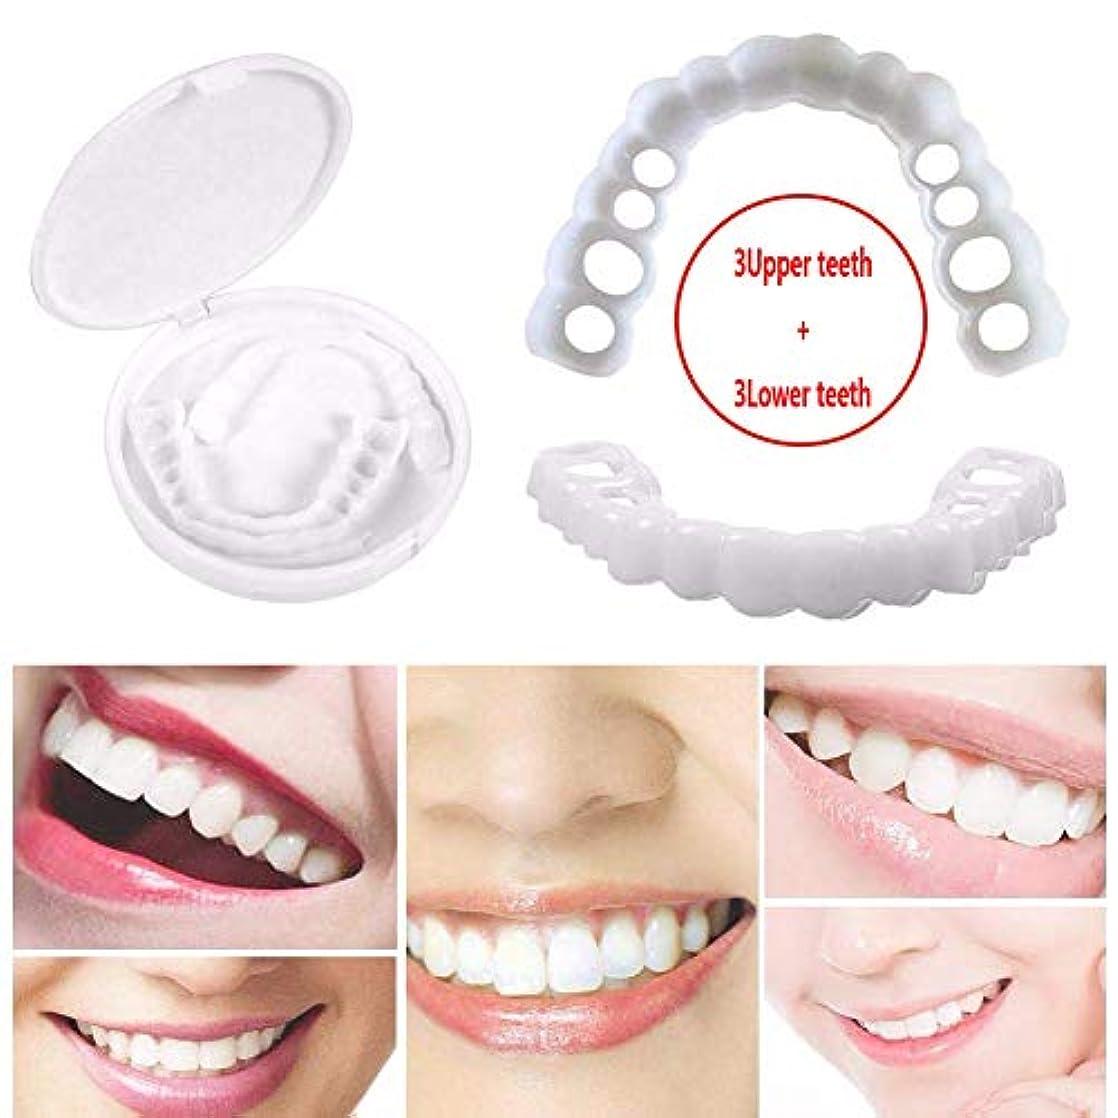 外交官思慮のないヒント3組の一時的な歯の白くなること、一時的な化粧品の歯の義歯の化粧品は収納箱が付いているブレースを模倣しました,3upperteeth+3lowerteeth